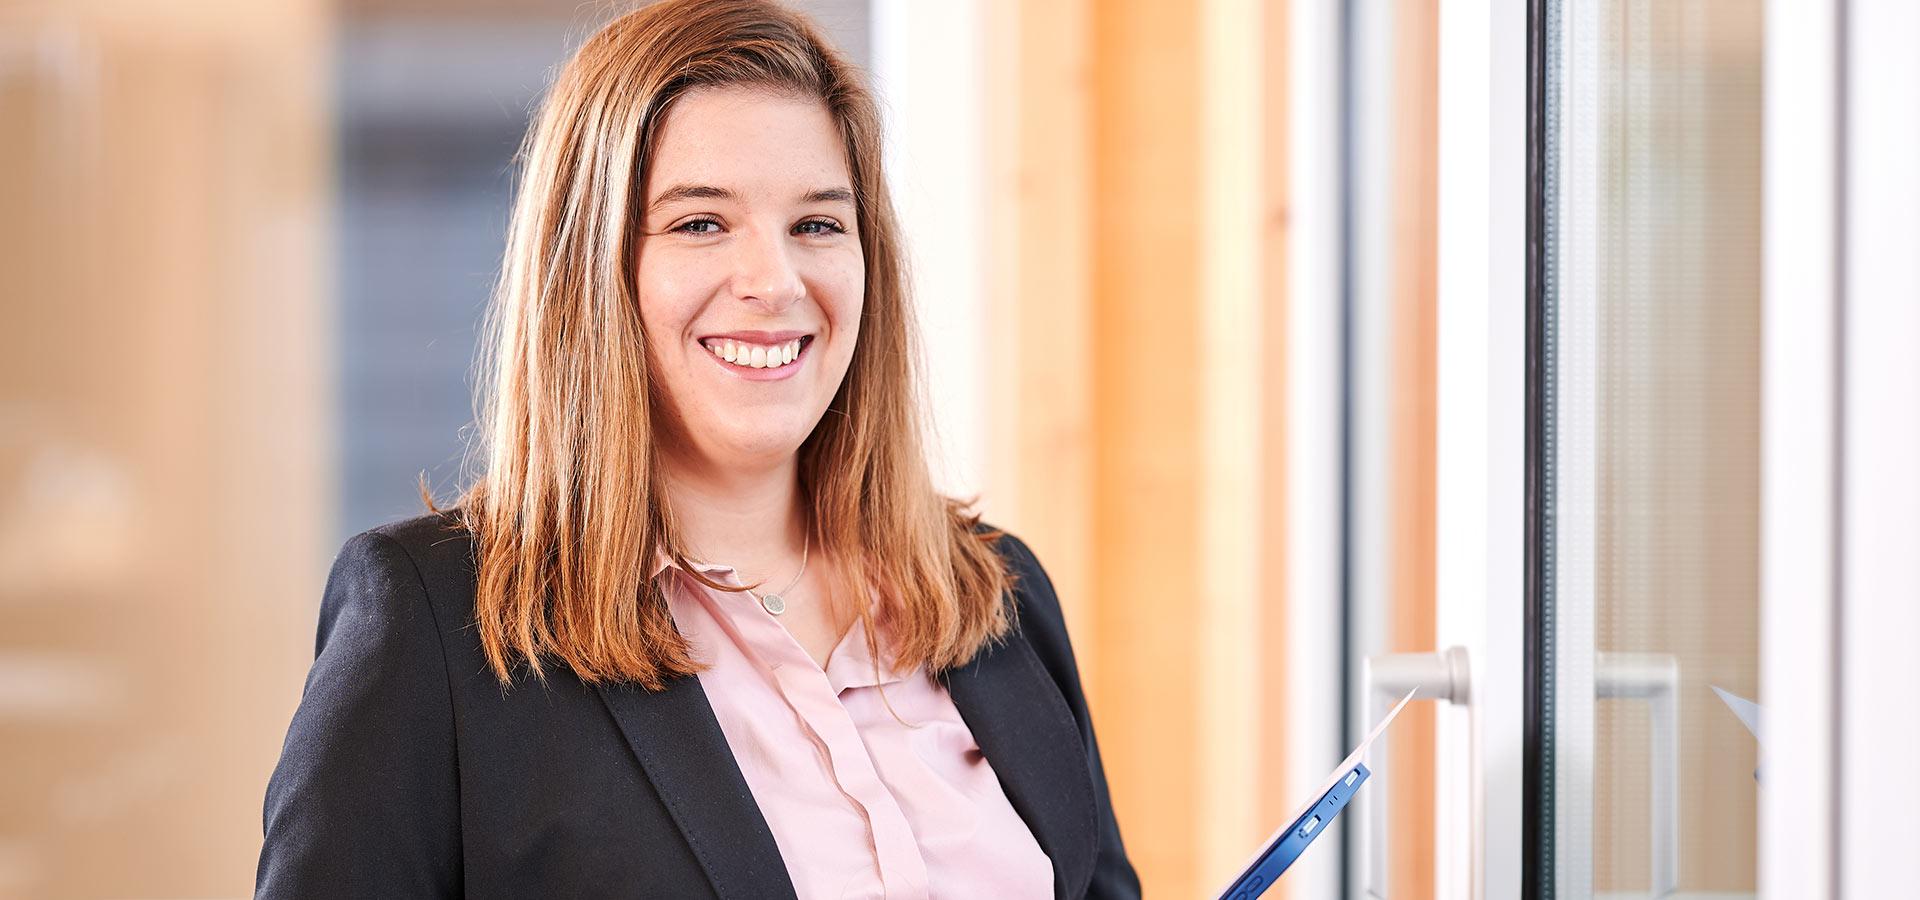 Rechtsanwältin Eva Sagmeister, Ihre Ansprechpartnerin beim Thema Erbrecht